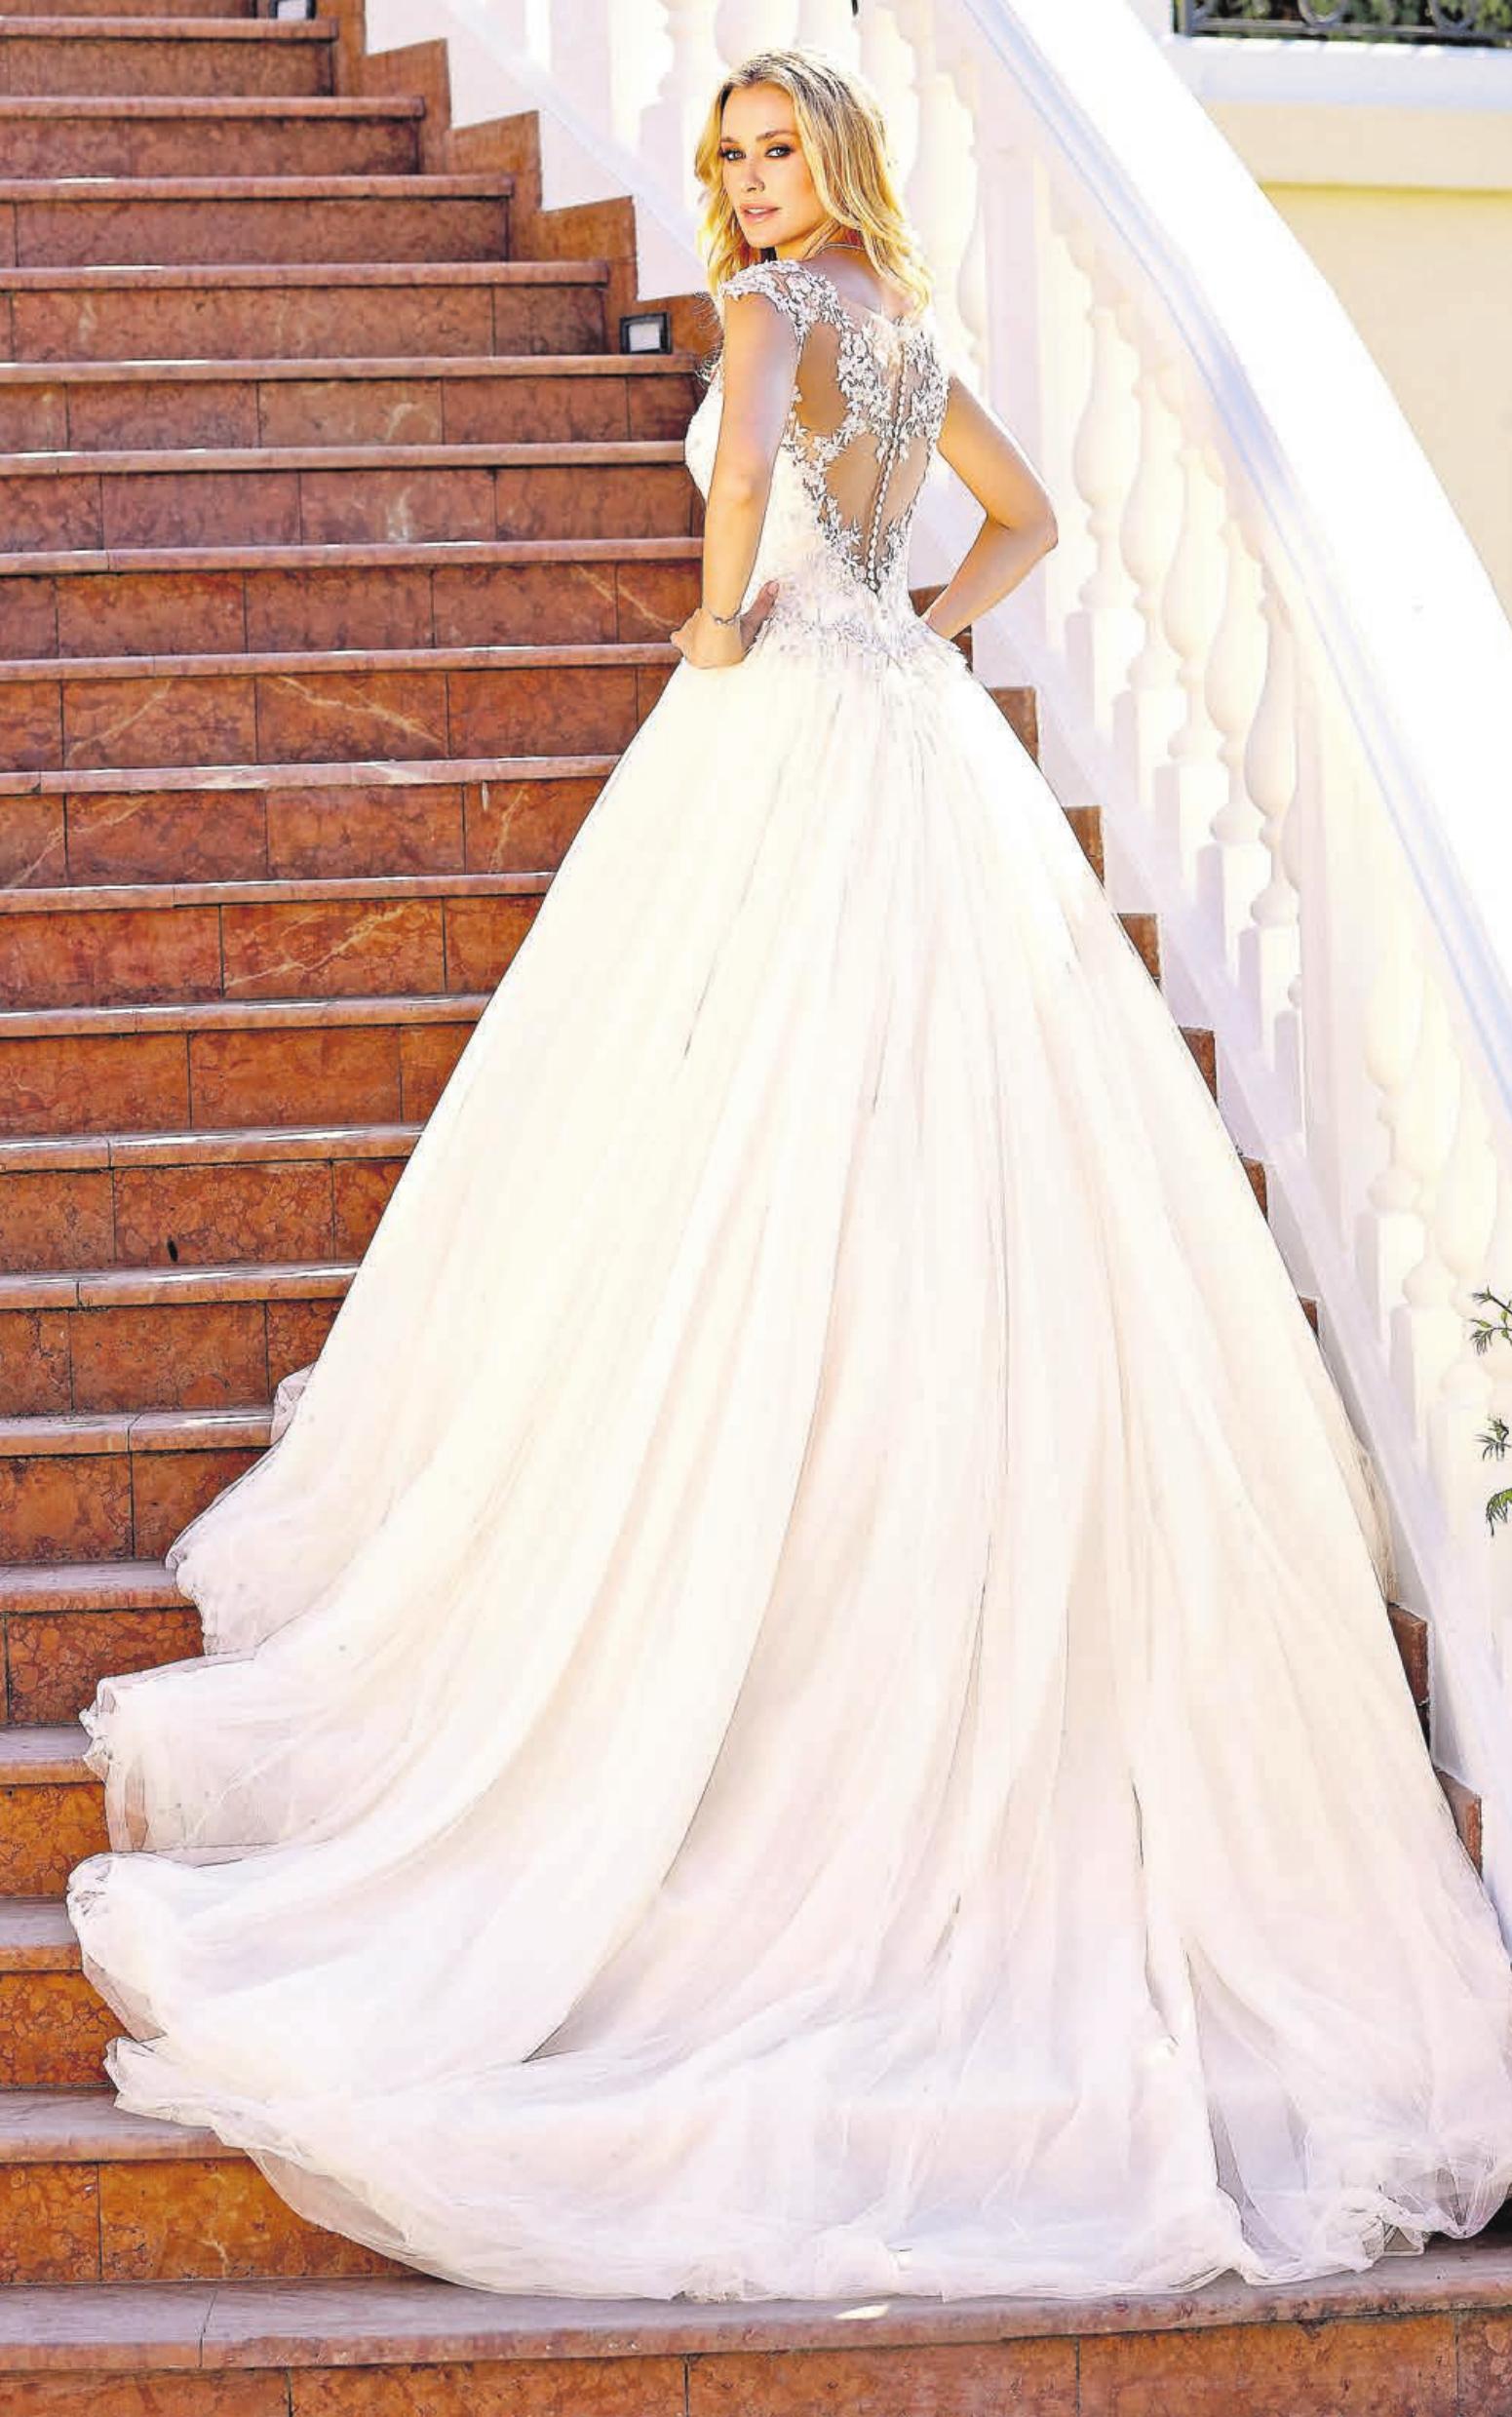 Einmal wie eine Prinzessin aussehen, das ist mit einer A-Line möglich, wie dieses opulente Kleid zeigt.       Foto: Ladybird